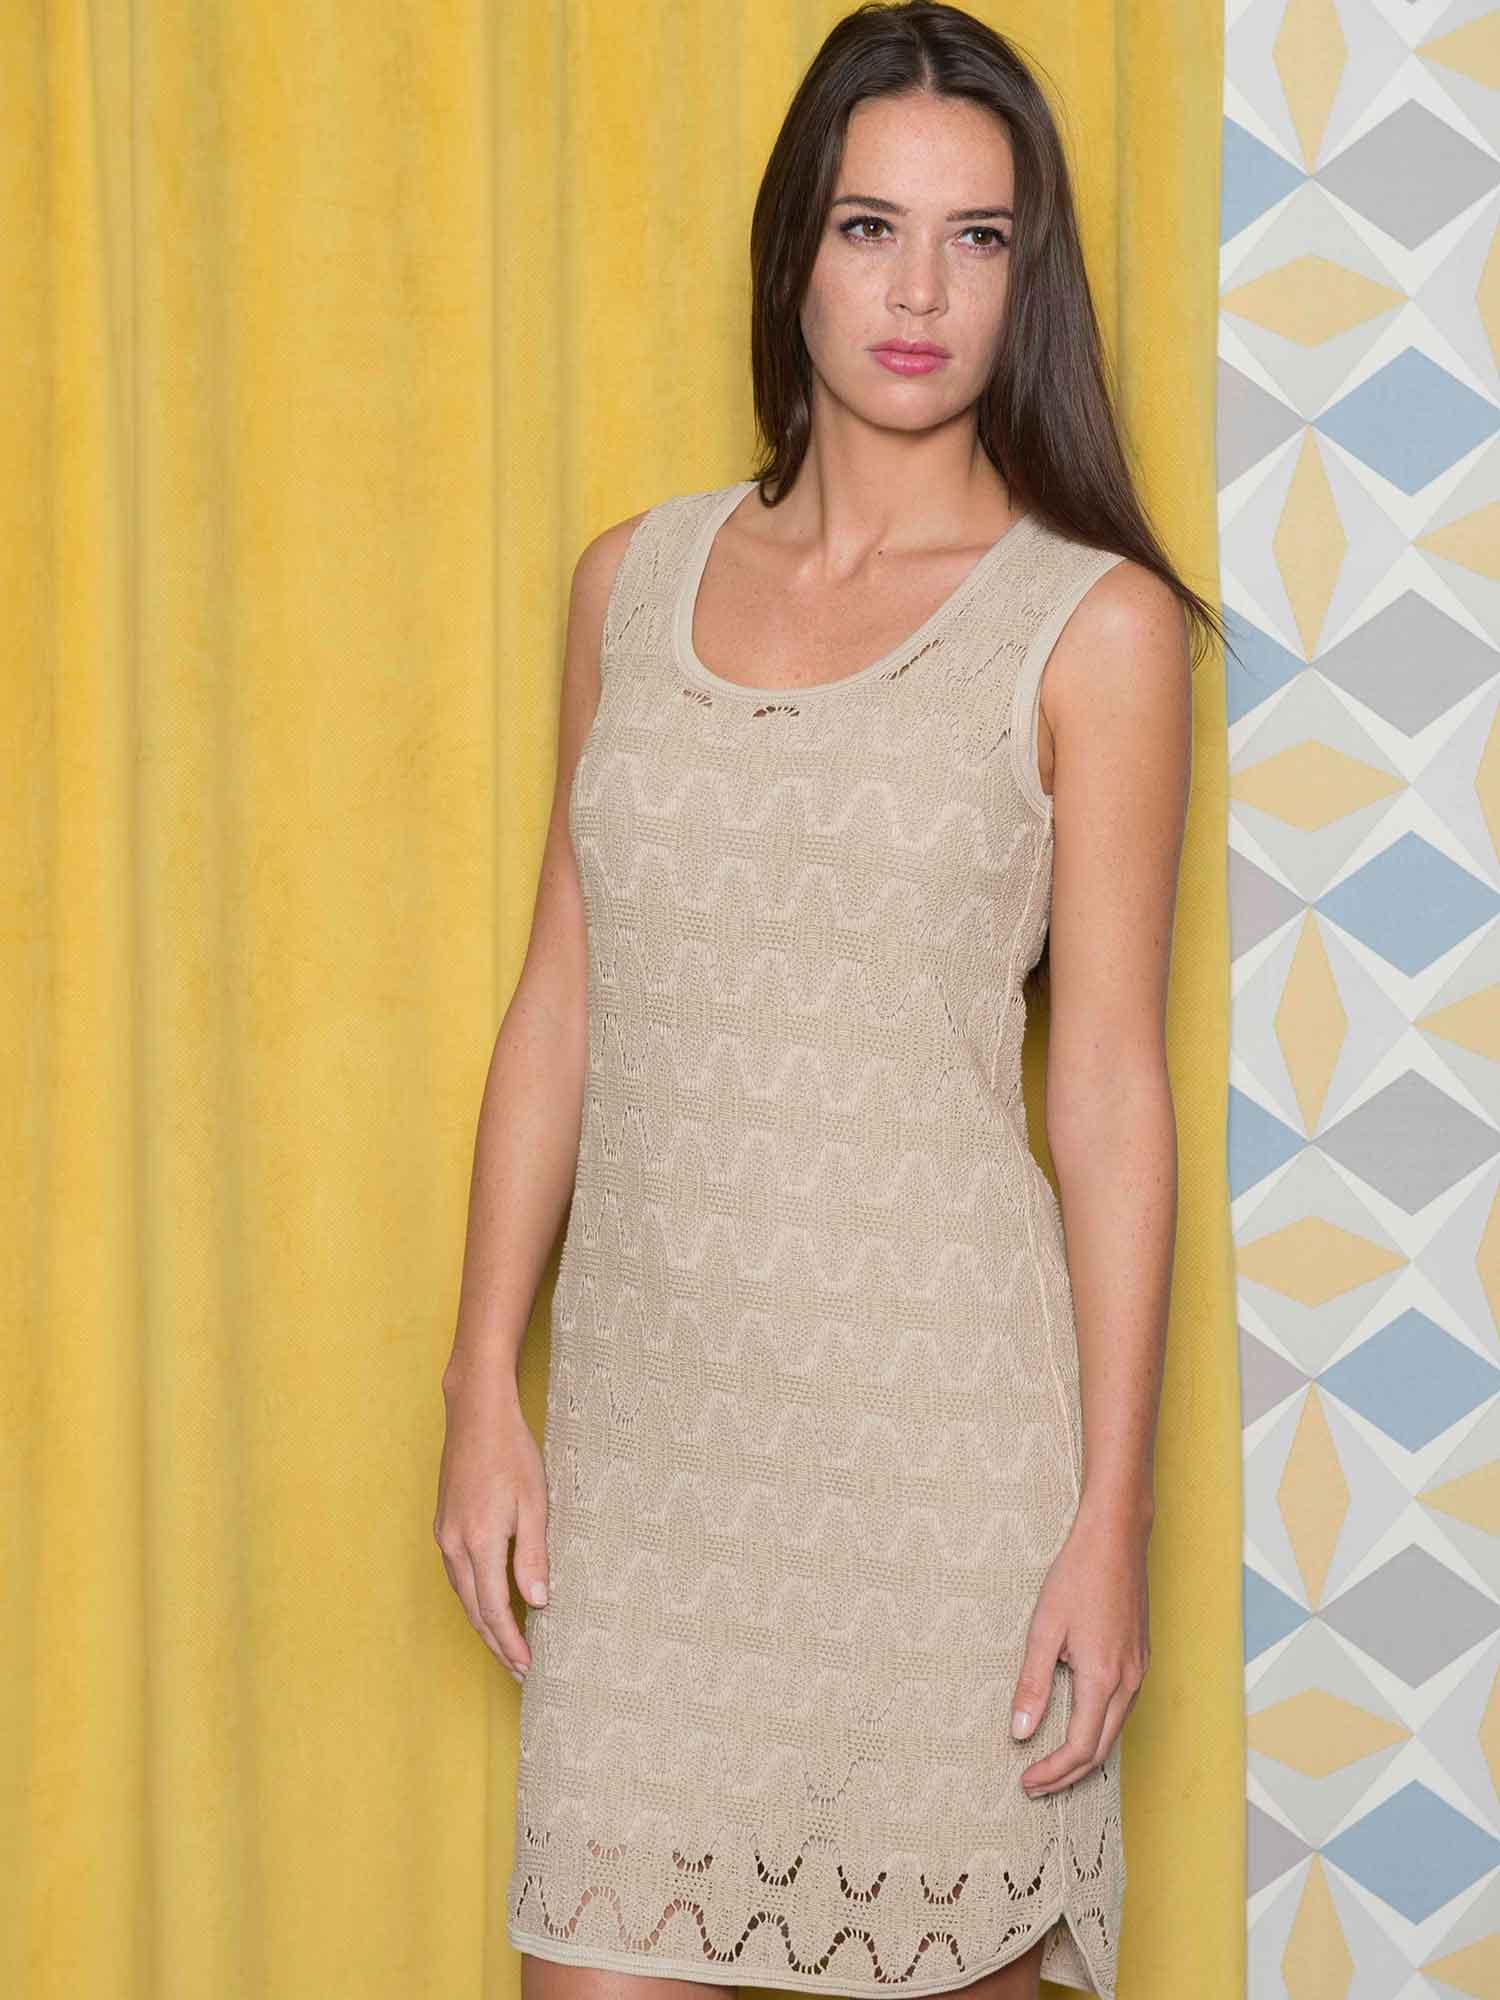 Pour une allure ultra glamour la robe Samui en dentelle de coton révèle votre féminité